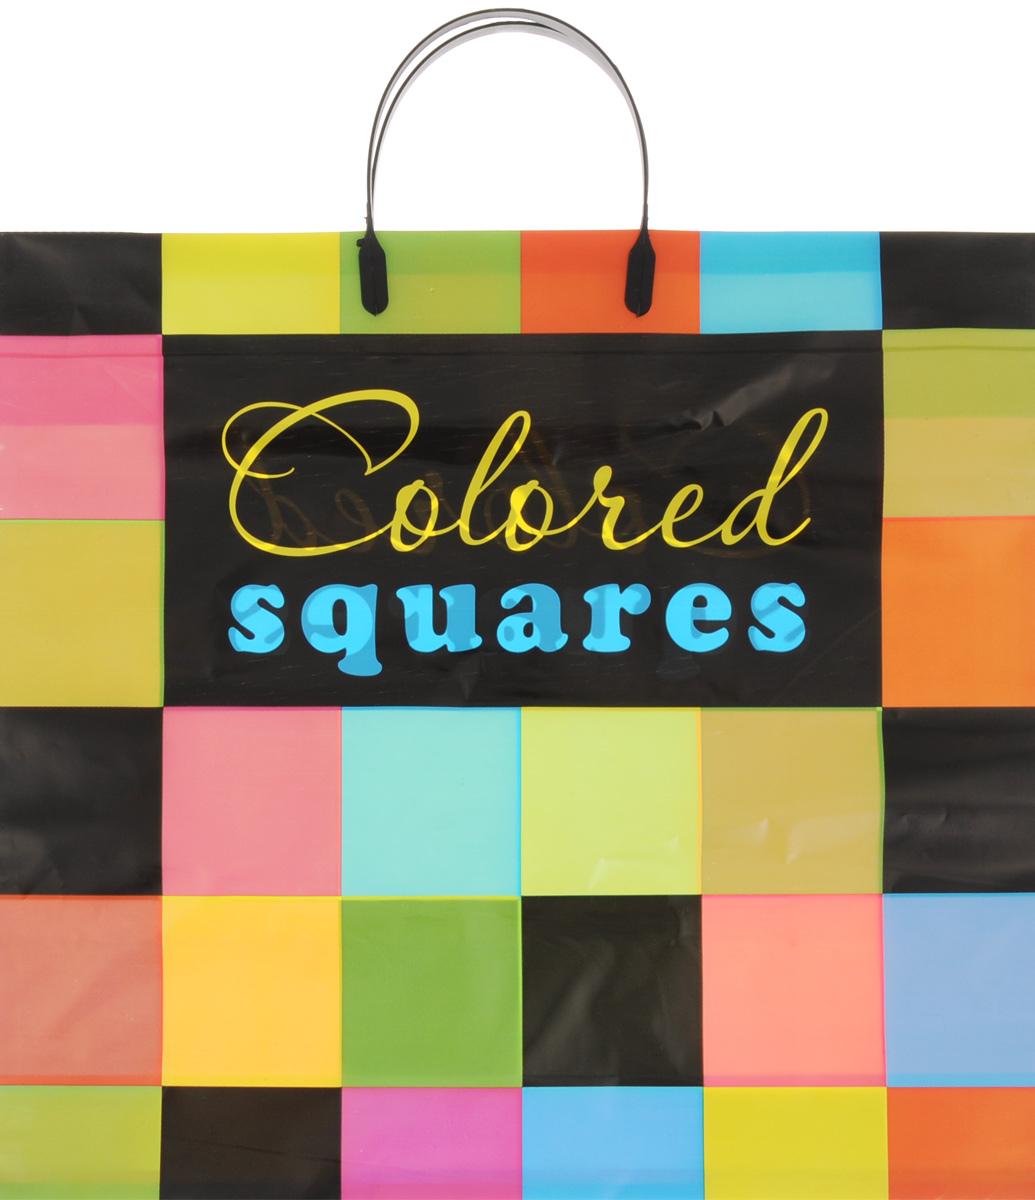 Набор пакетов Артпласт Разноцветные квадраты, с пластиковыми ручками, 10 штПЛР27085Набор Артпласт Разноцветные квадраты состоит из 10 пакетов, выполненных из высококачественного полиэтилена. Изделия оформлены яркими изображениями и оснащены эргономичными пластиковыми ручками. Такие пакеты идеально подойдут для переноски и хранения любых предметов быта. Размер пакета: 34,5 х 38,5 см. Высота ручек: 10,5 см.